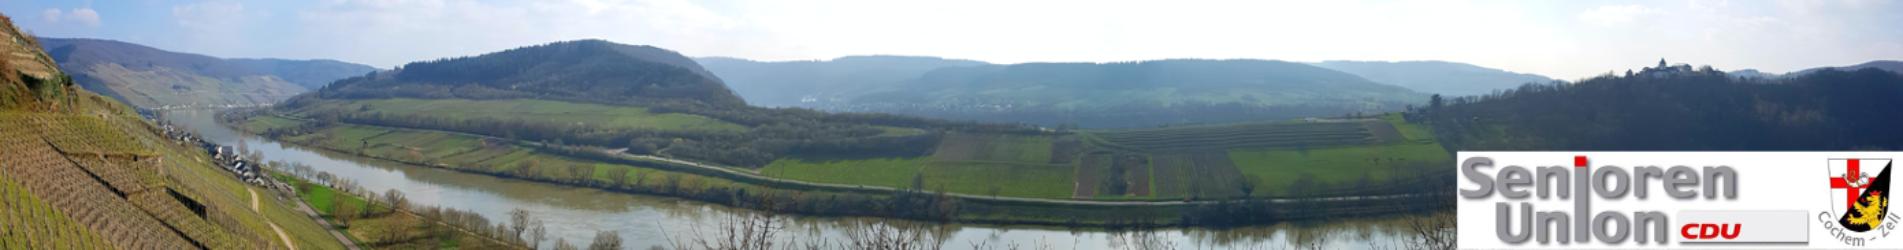 Sen-U Cochem-Zell